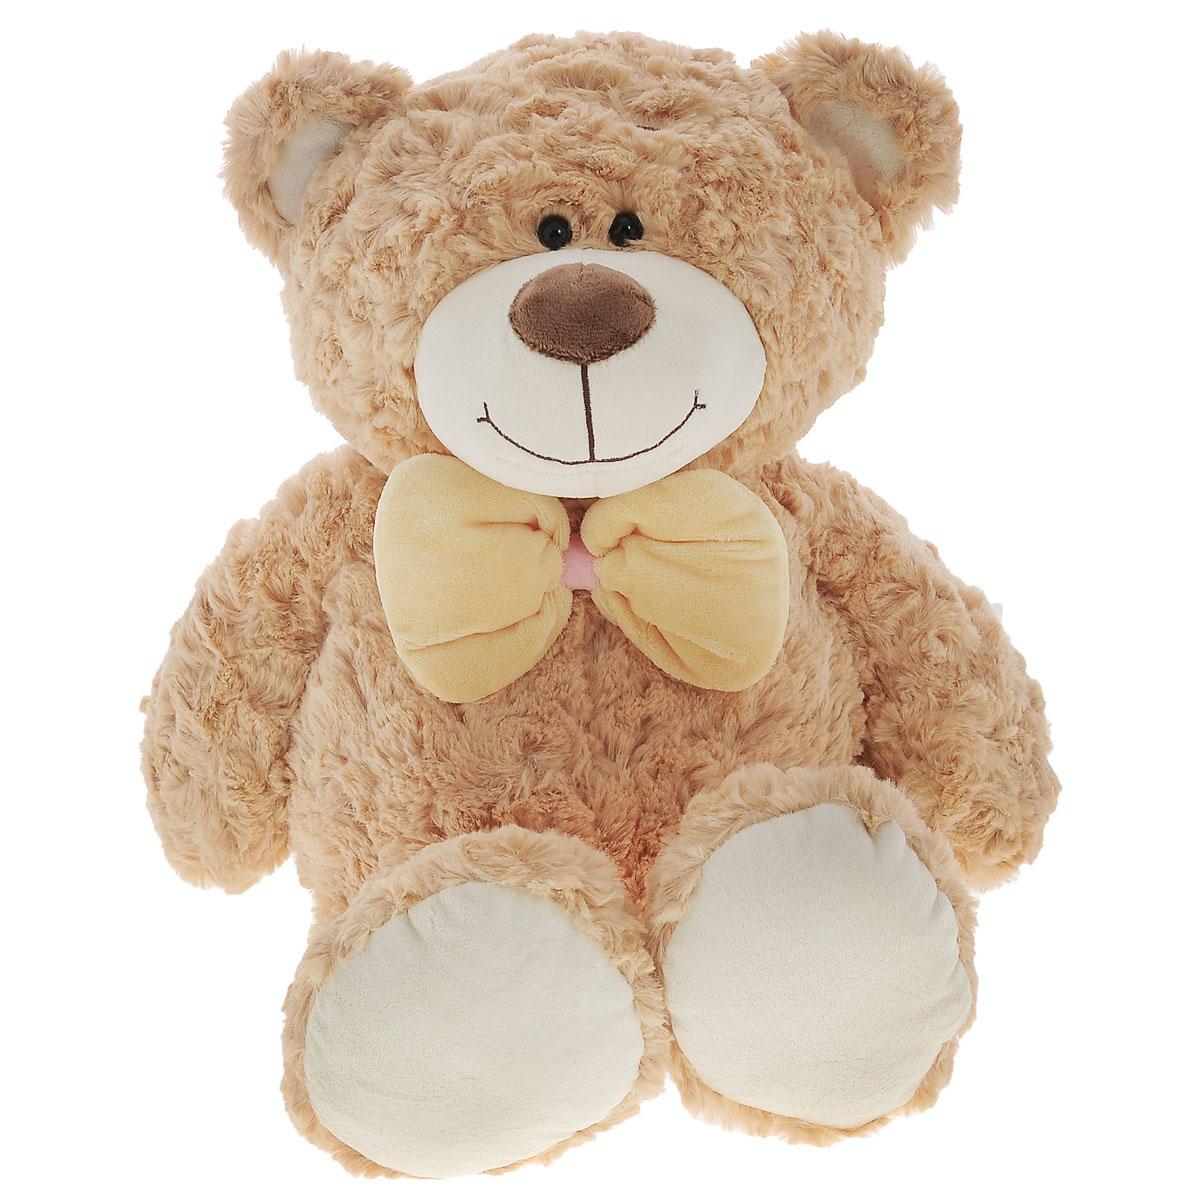 Plush Apple Мягкая игрушка Медведь, 50 смK71244ММягкая игрушка Plush Apple Медведь, выполненная в виде медвежонка с бантиком желтого цвета на шее, очарует не только ребенка, но и взрослого. Игрушка изготовлена из искусственного меха и текстильных материалов, с элементами из пластика. В качестве набивки используются синтетические волокна и пластмассовые гранулы. Плюшевая игрушка Plush Apple Медведь поможет любому человеку выразить свои чувства и преподнести оригинальный подарок своим близким и любимым.